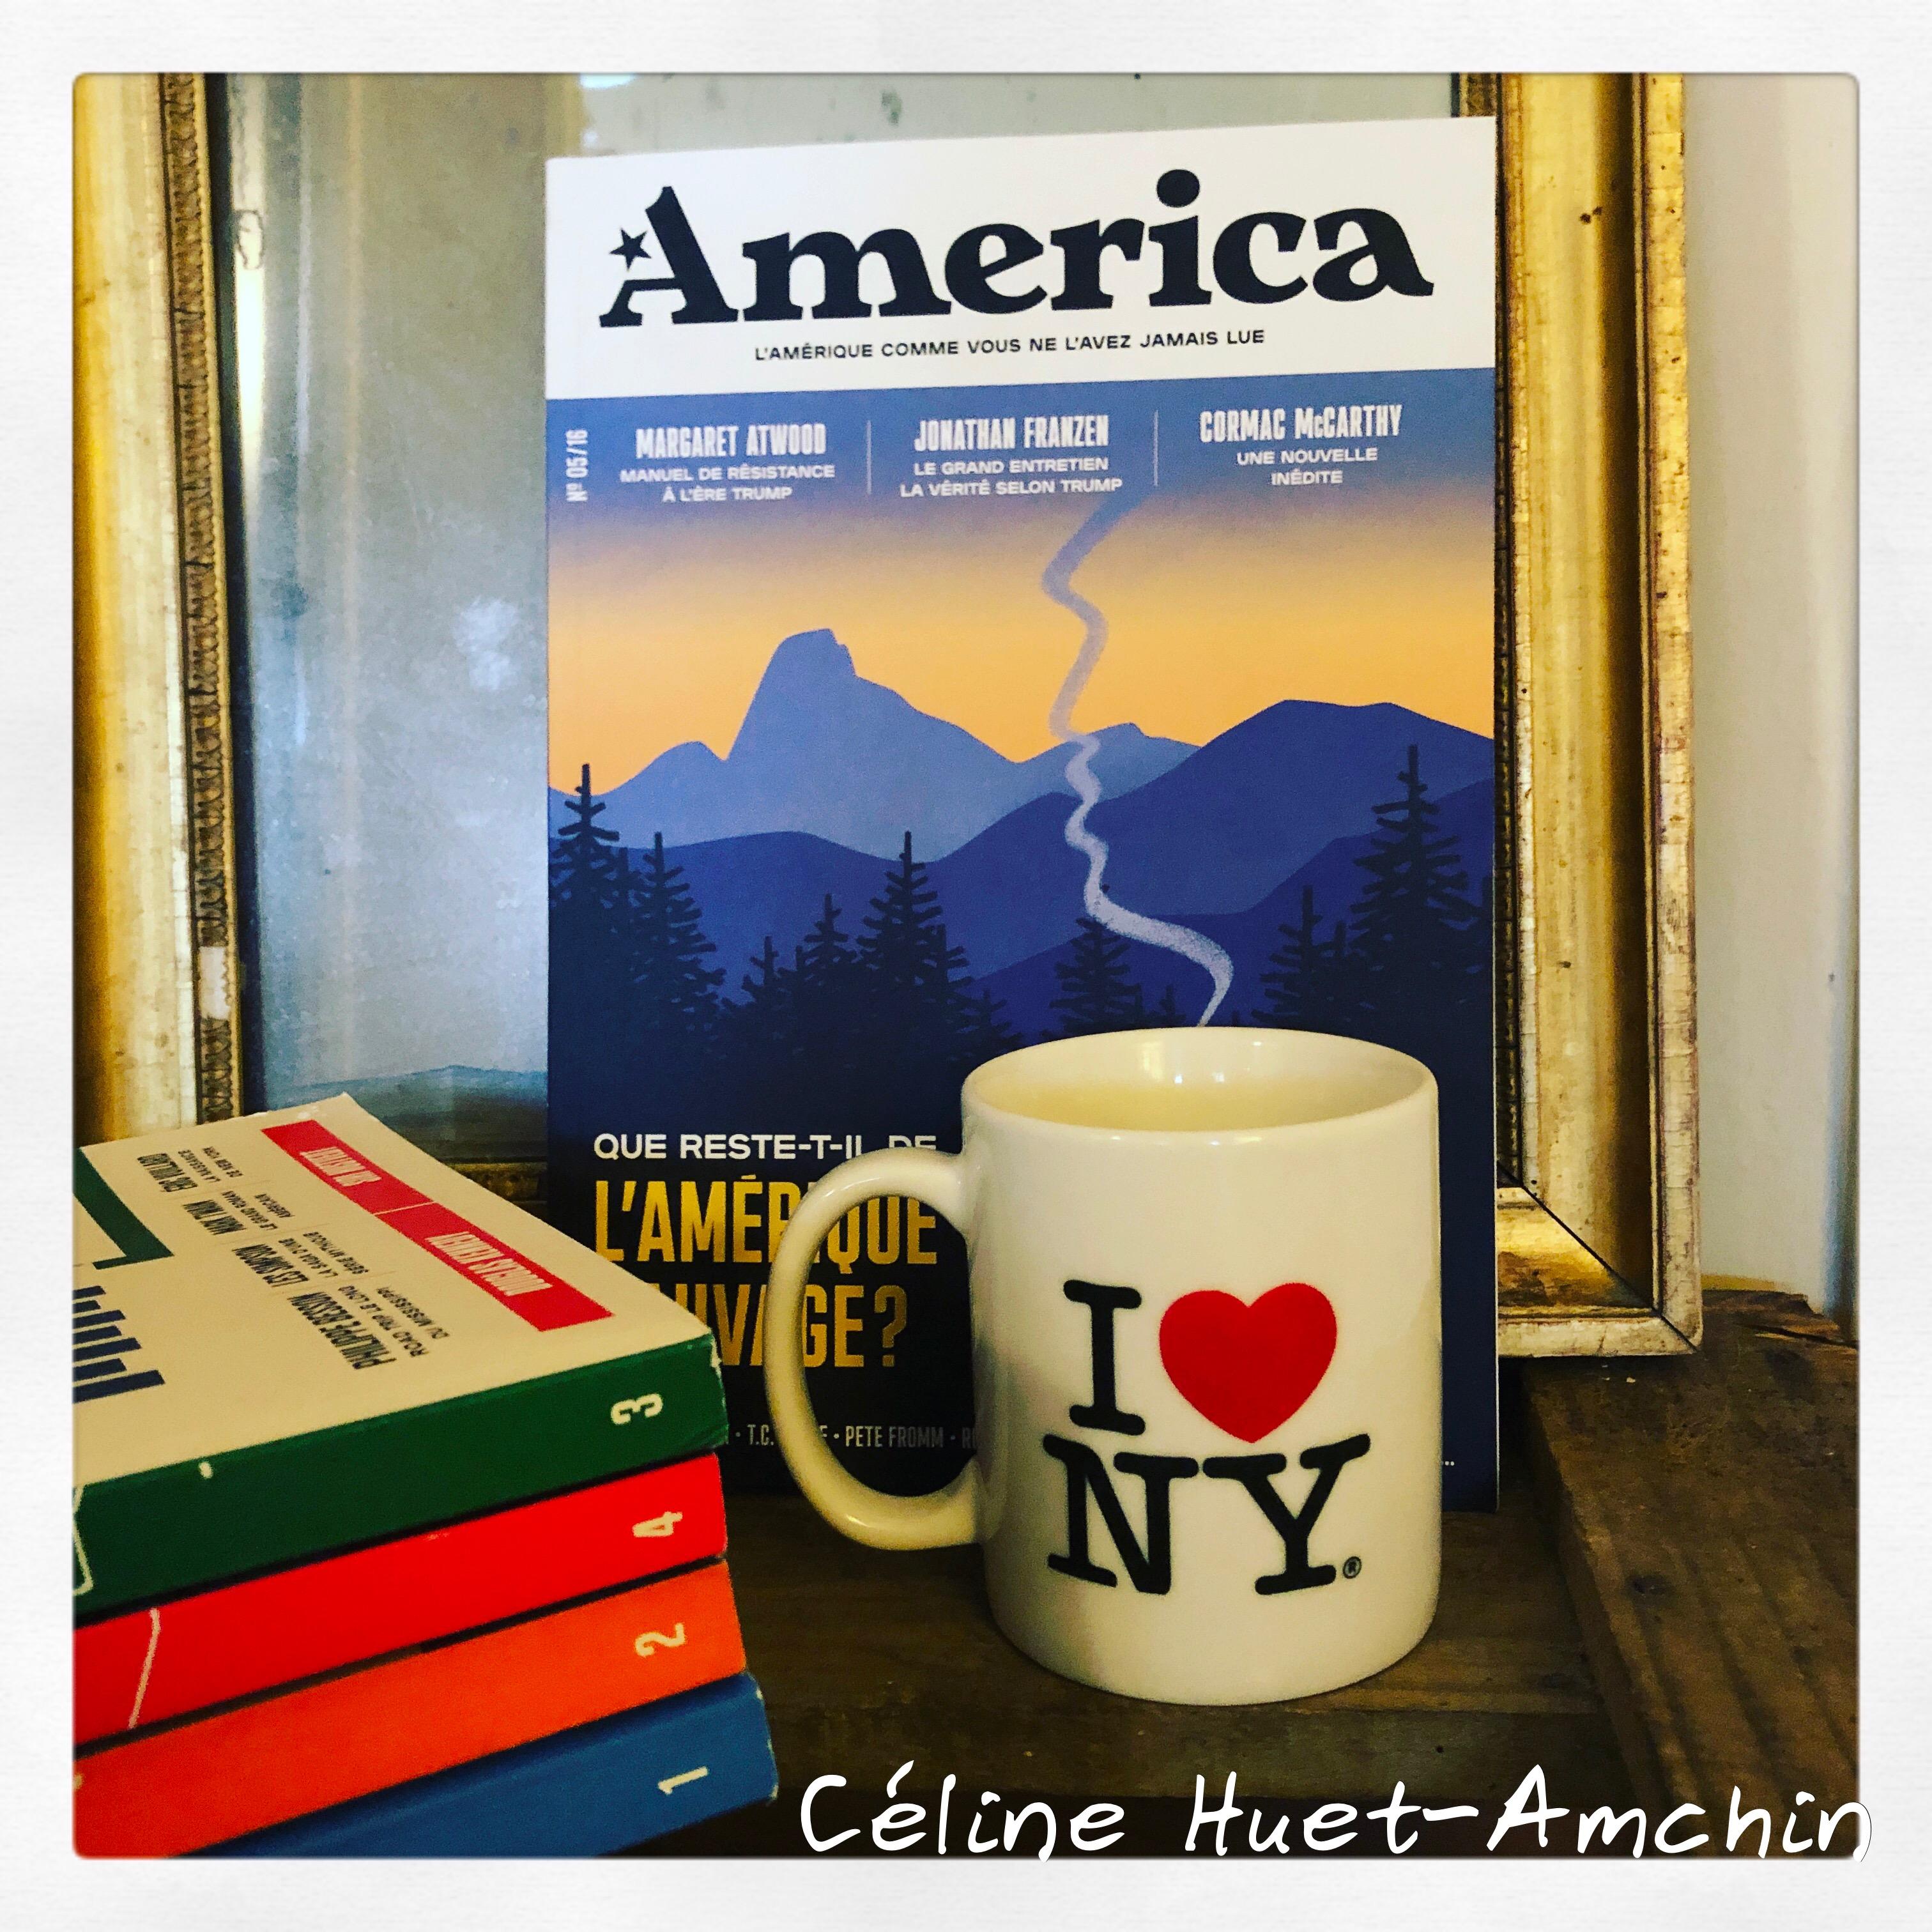 America n° 5